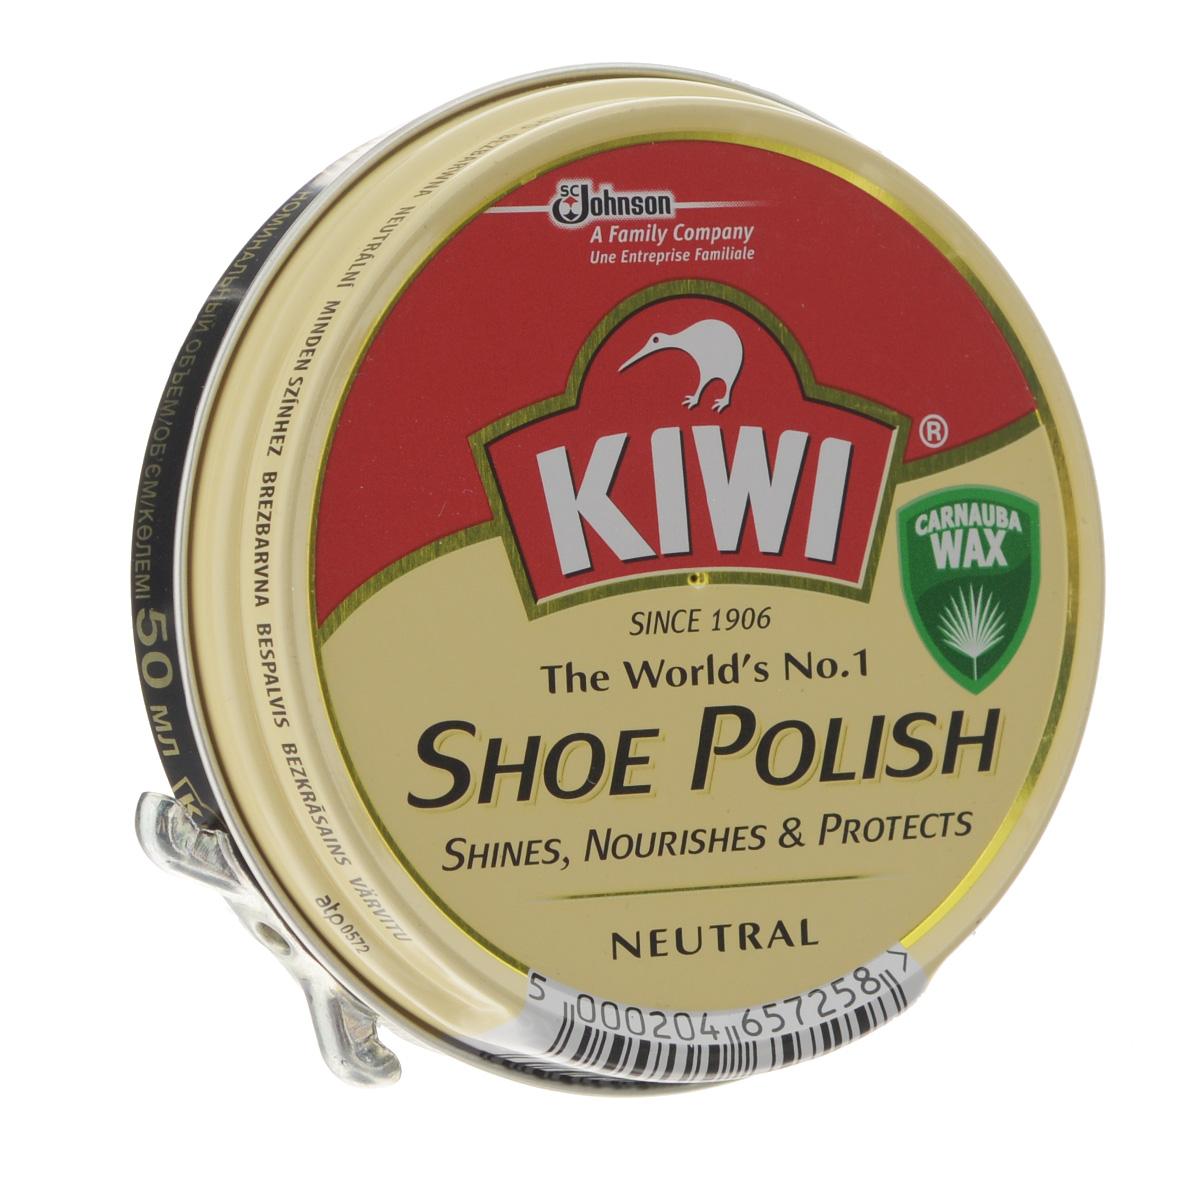 Крем для обуви Kiwi Shoe Polish, цвет: прозрачный, 50 мл632090Самый популярный в мире крем в банке Kiwi Shoe Polish предназначен для ухода за изделиями из гладкой кожи. В состав крема входит уникальный воск листьев пальмы Carnauba, произрастающей в джунглях Южной Америки. Наличие крышки-щелчок гарантирует легкость открываний.